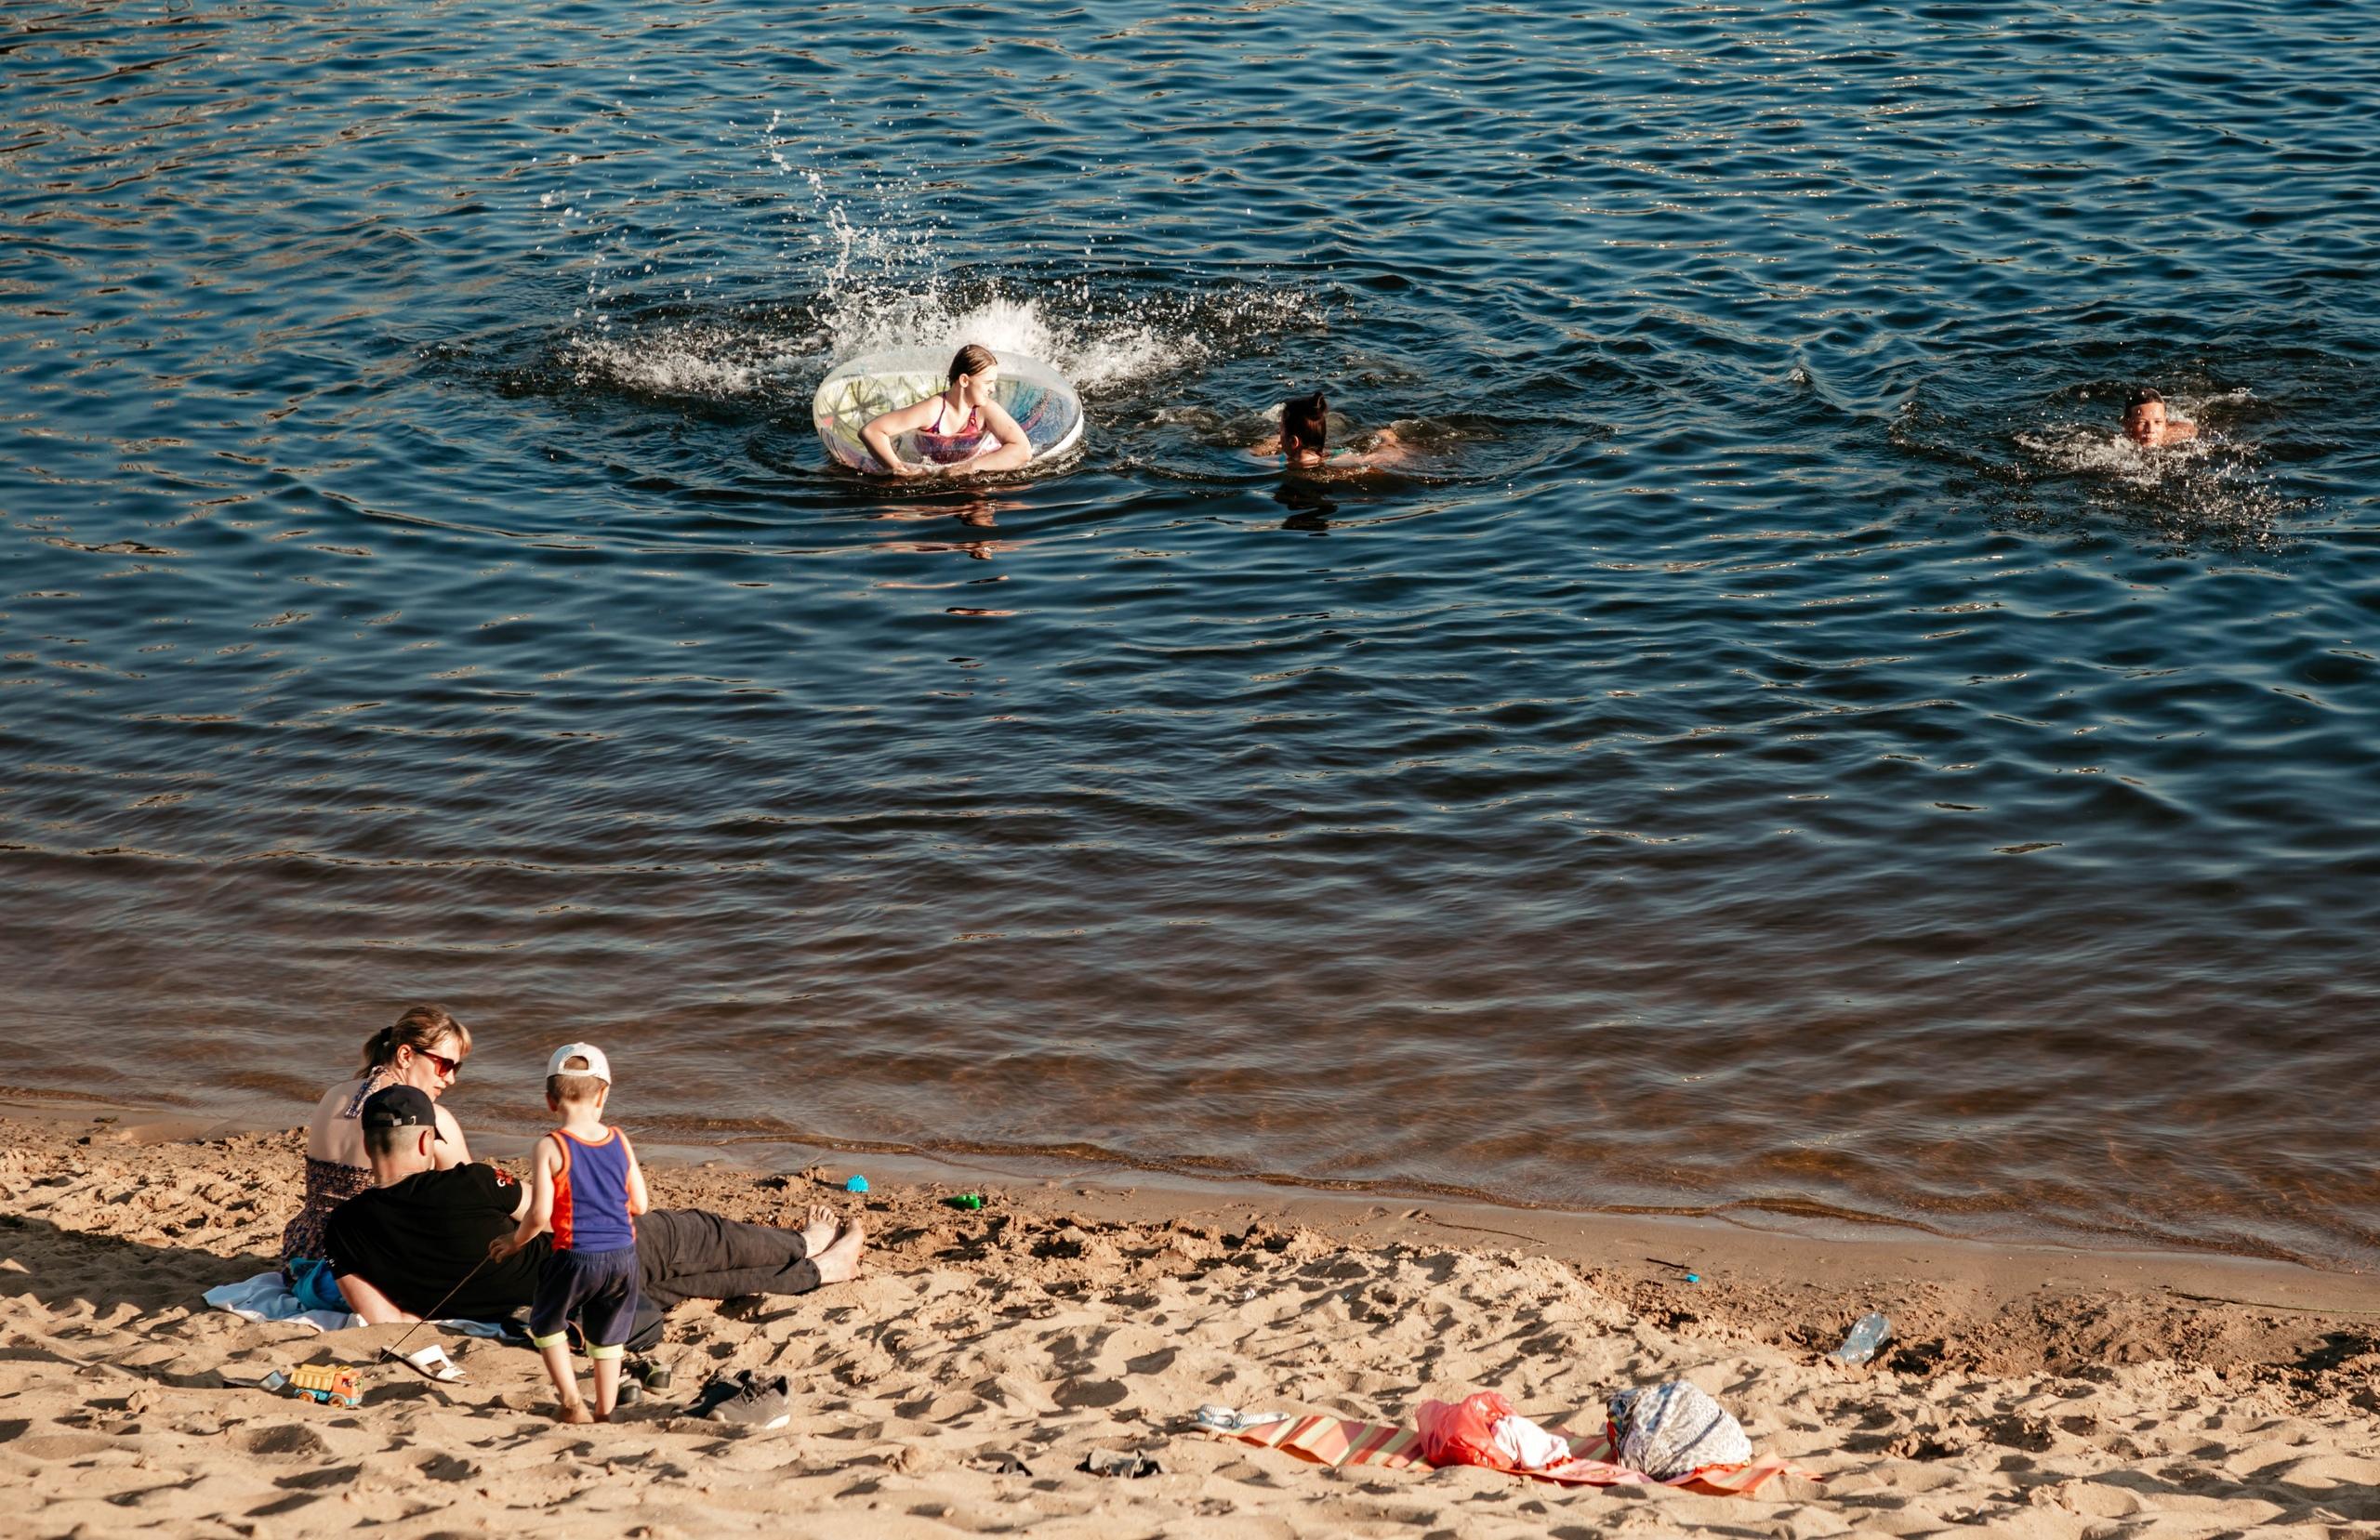 Роспотребнадзор не рекомендует купаться в Твери и ближайших окрестностях